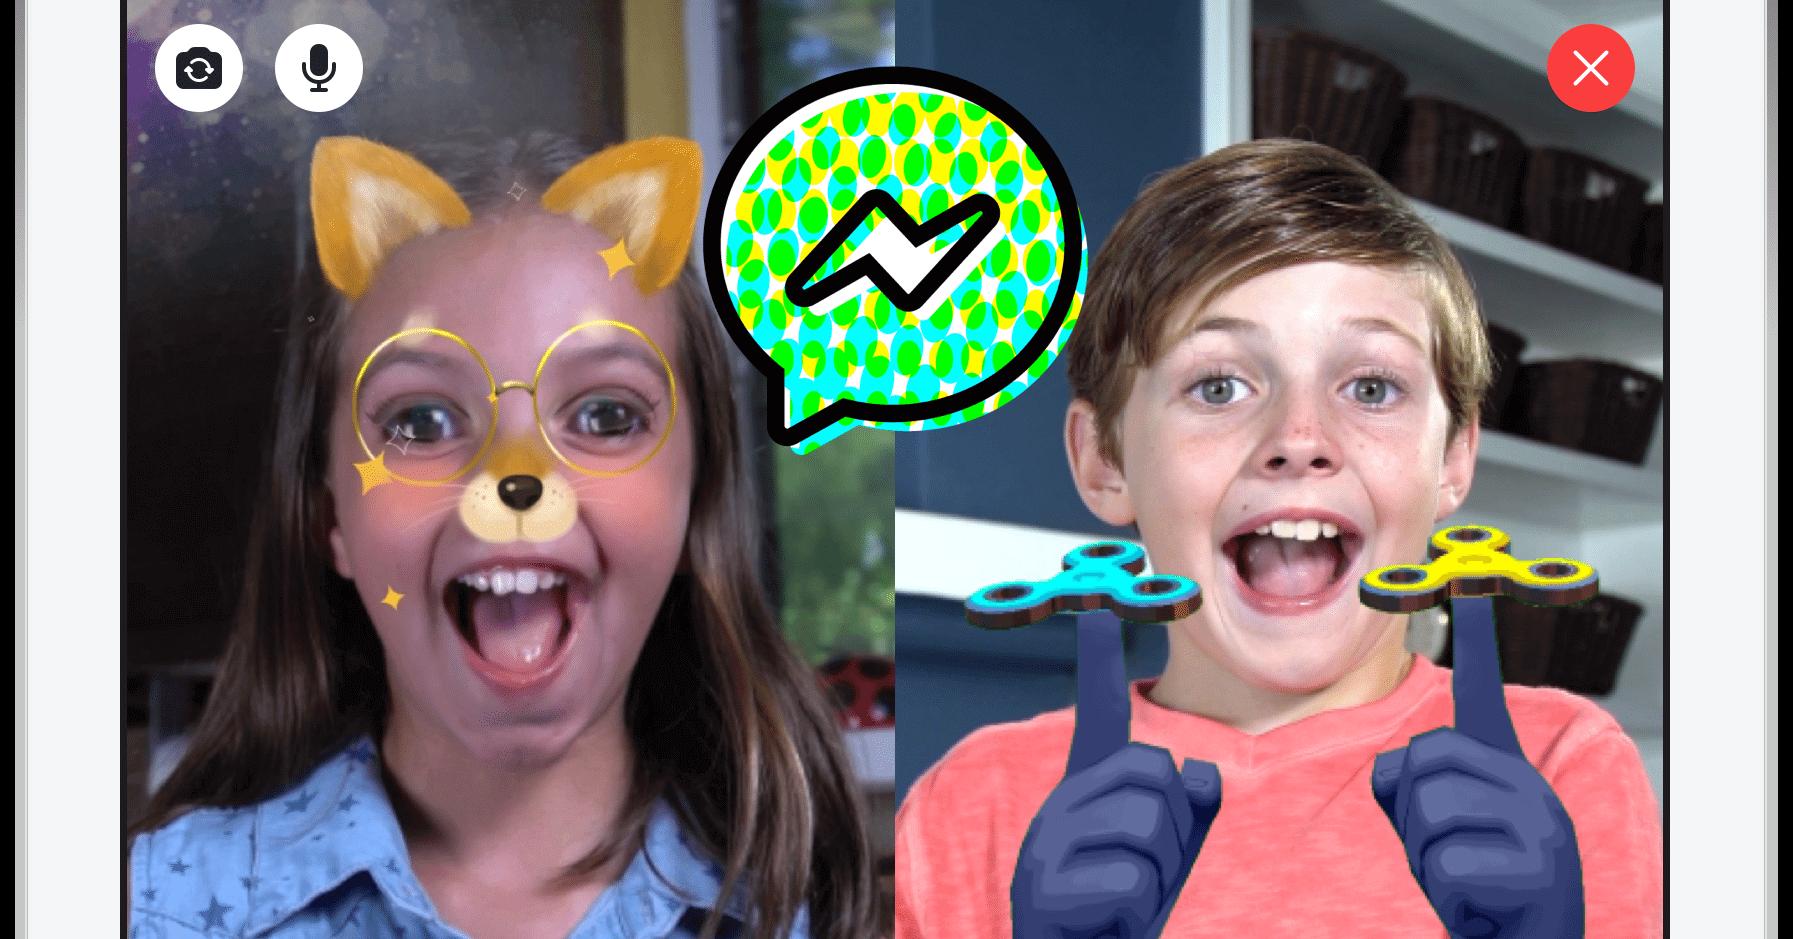 messenger kids 2 - Facebook lança versão para menores de 13 anos